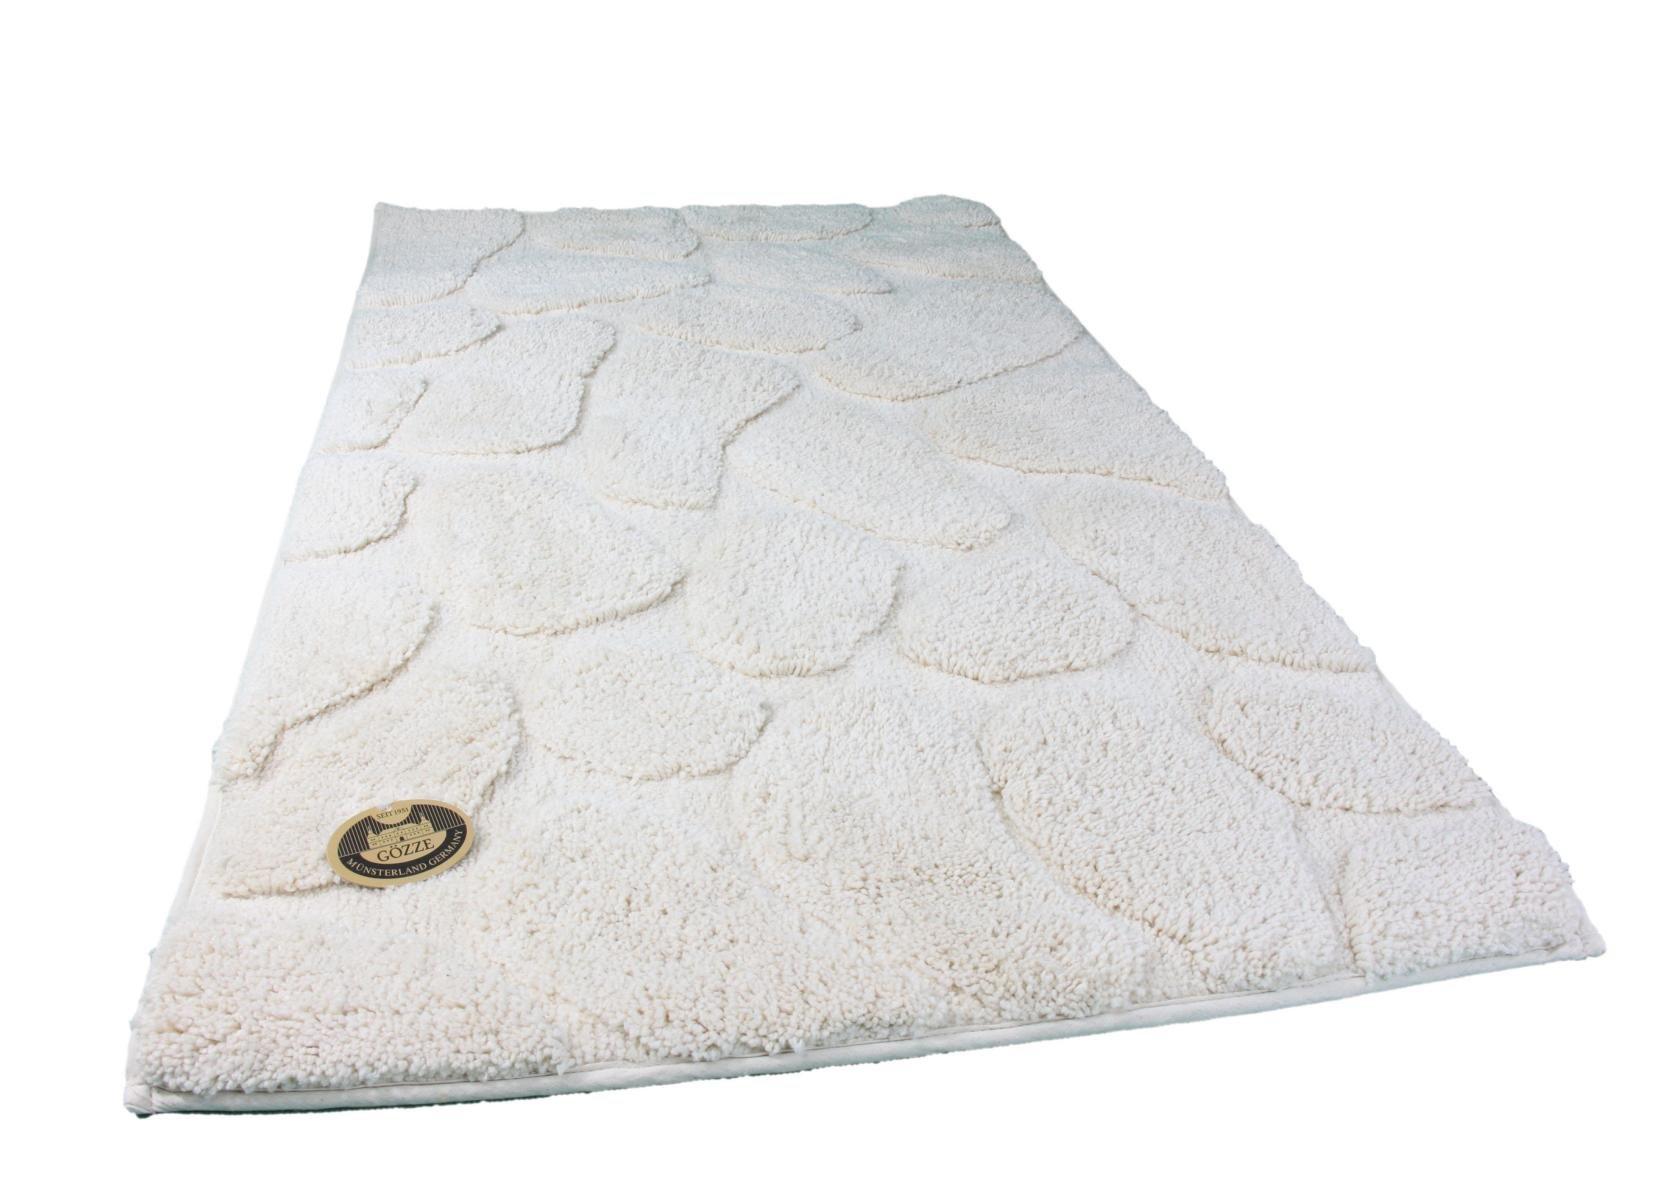 G�zze 1032-13-060100, Tappetino da bagno, design: pietre, Bianco (Natur), 60 x 100 cm